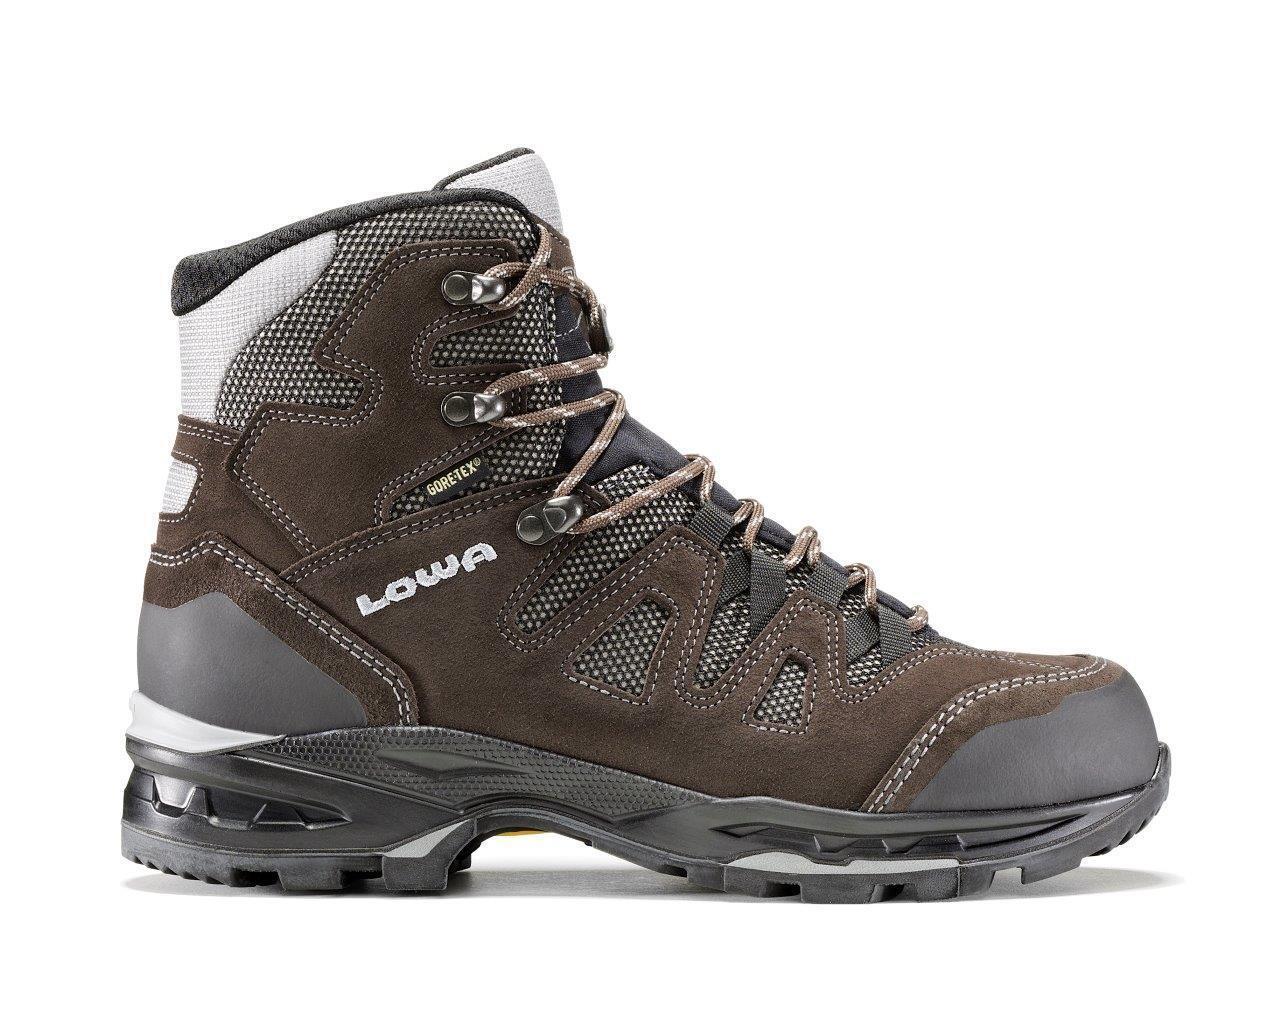 LOWA Khumbu GTX S Marrón Antracita8 Caminar botas